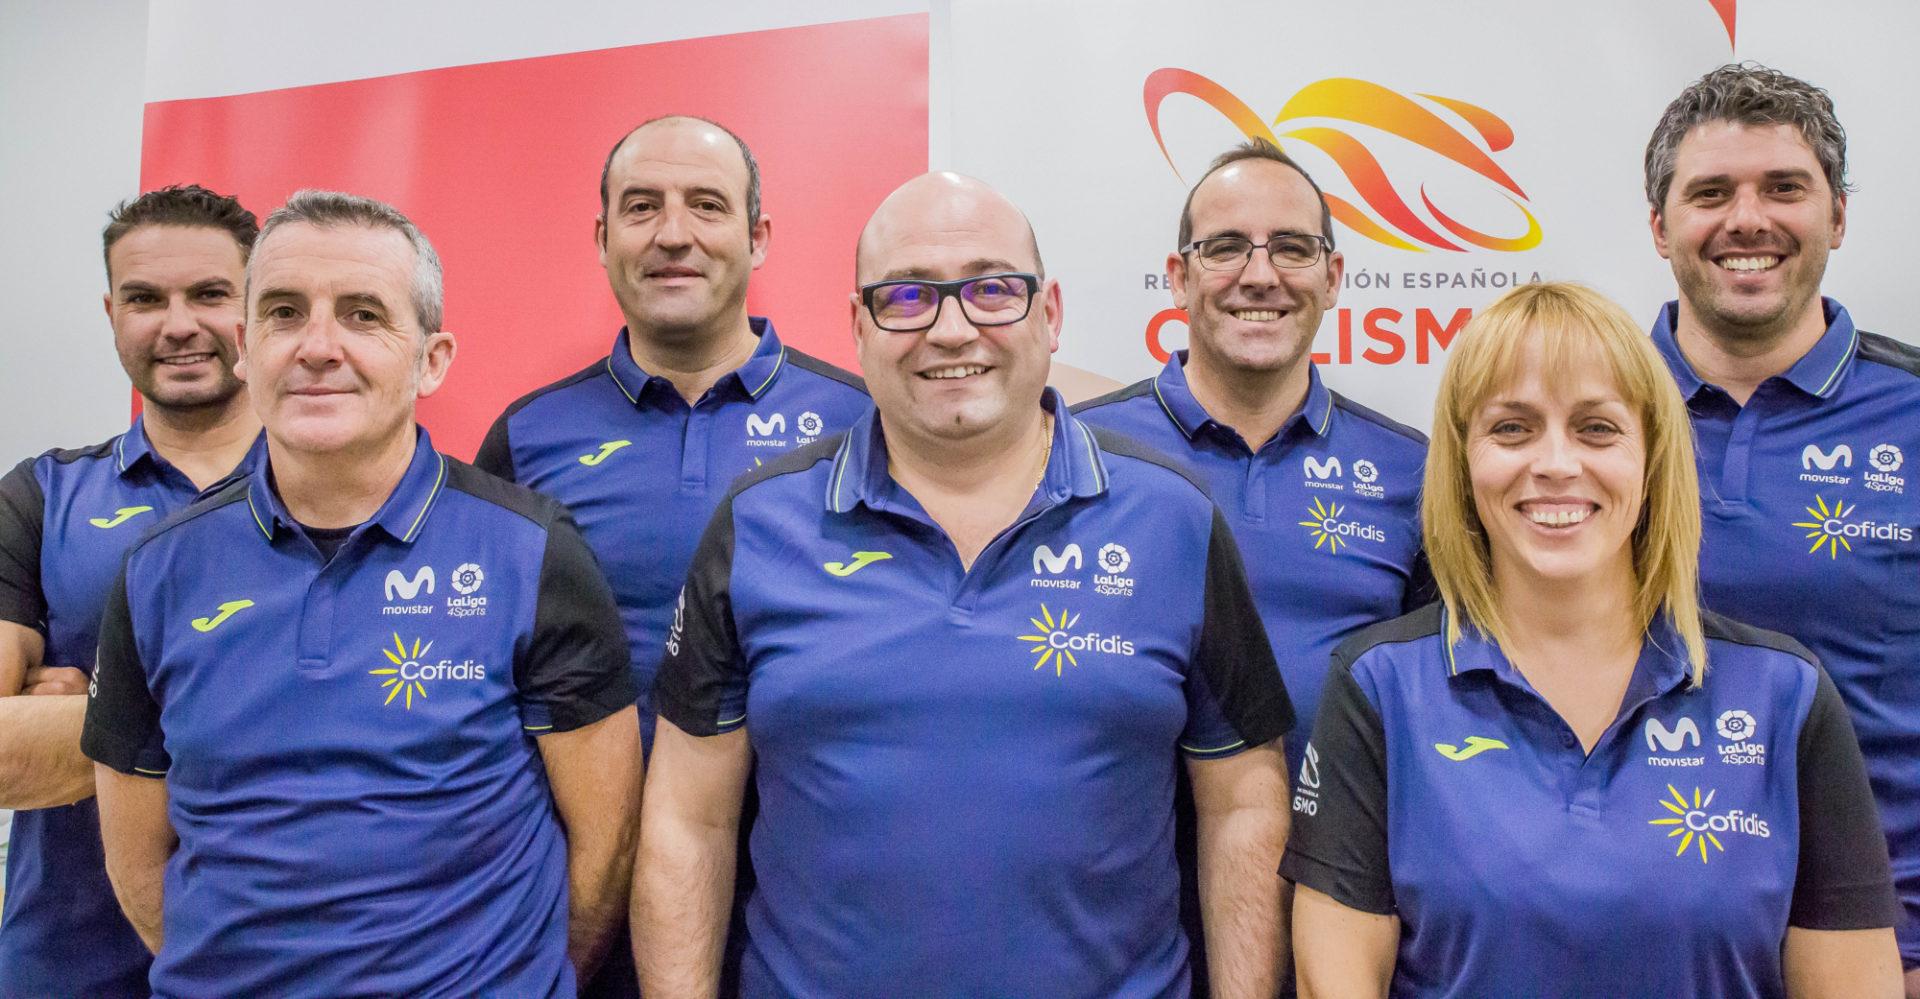 Seleccionadores de la Real Federación Española de Ciclismo (Foto: RFEC).